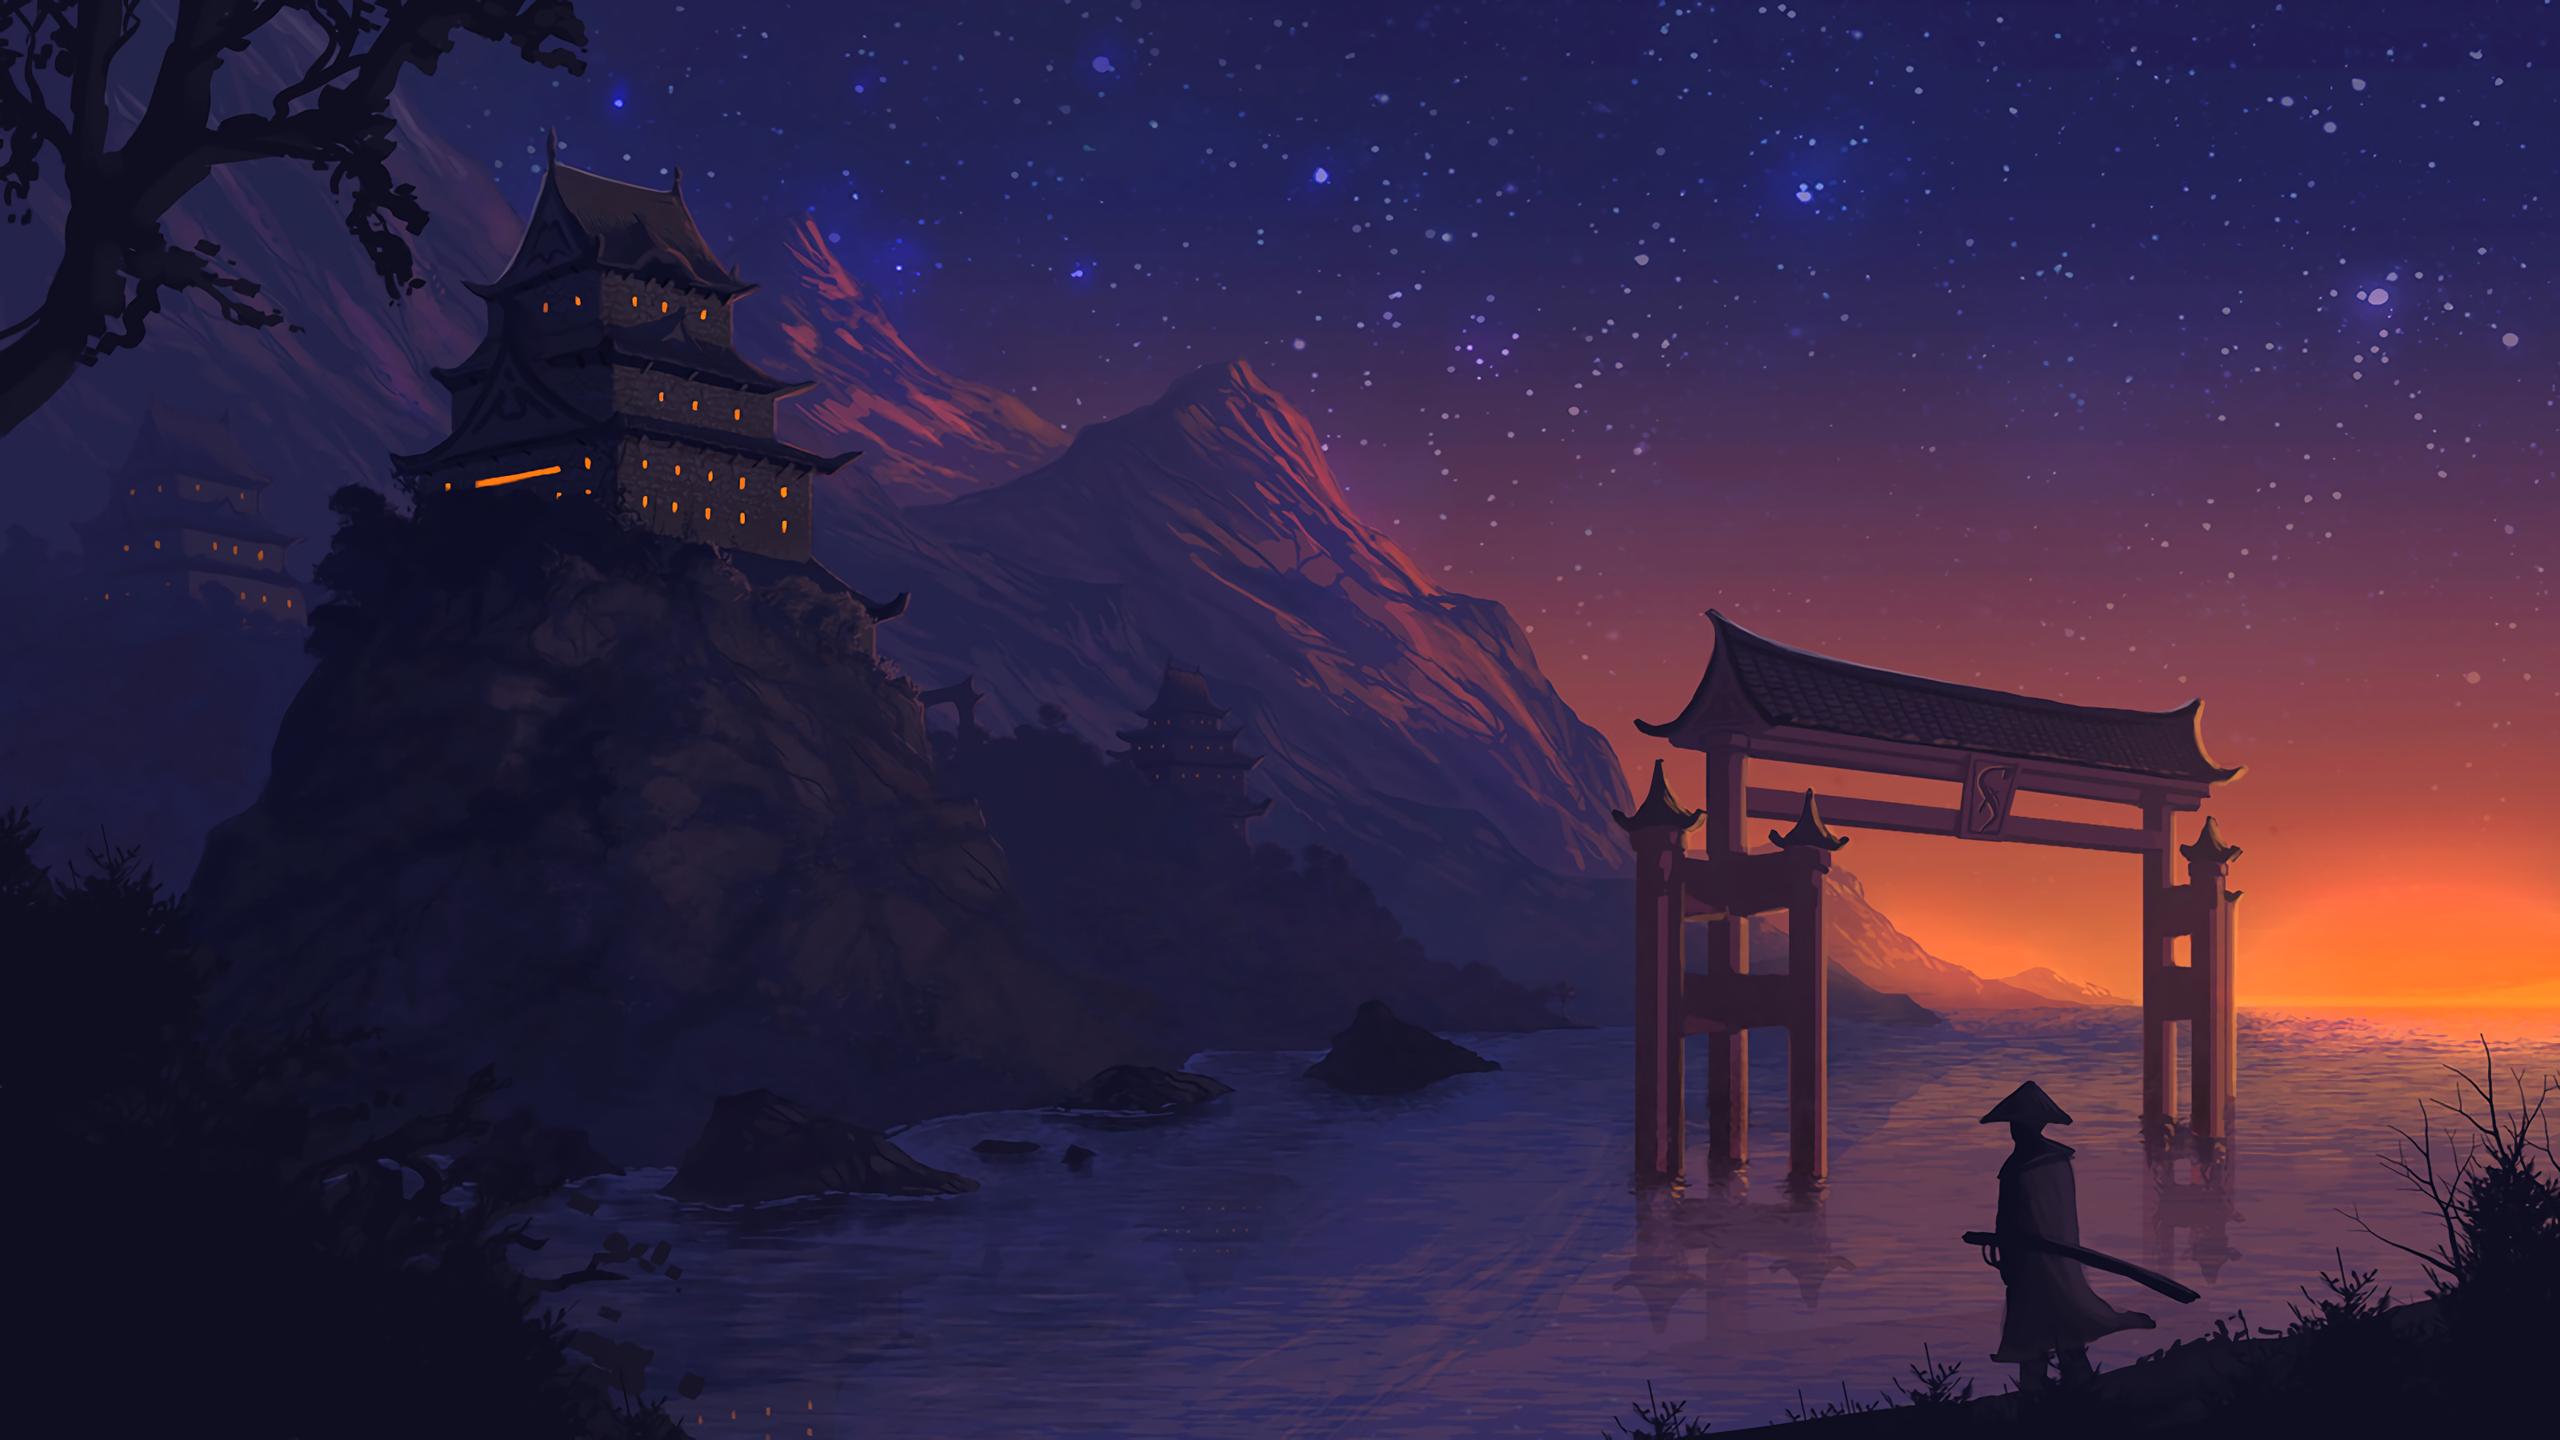 Anime 2560x1440 landscape anime digital art fantasy art